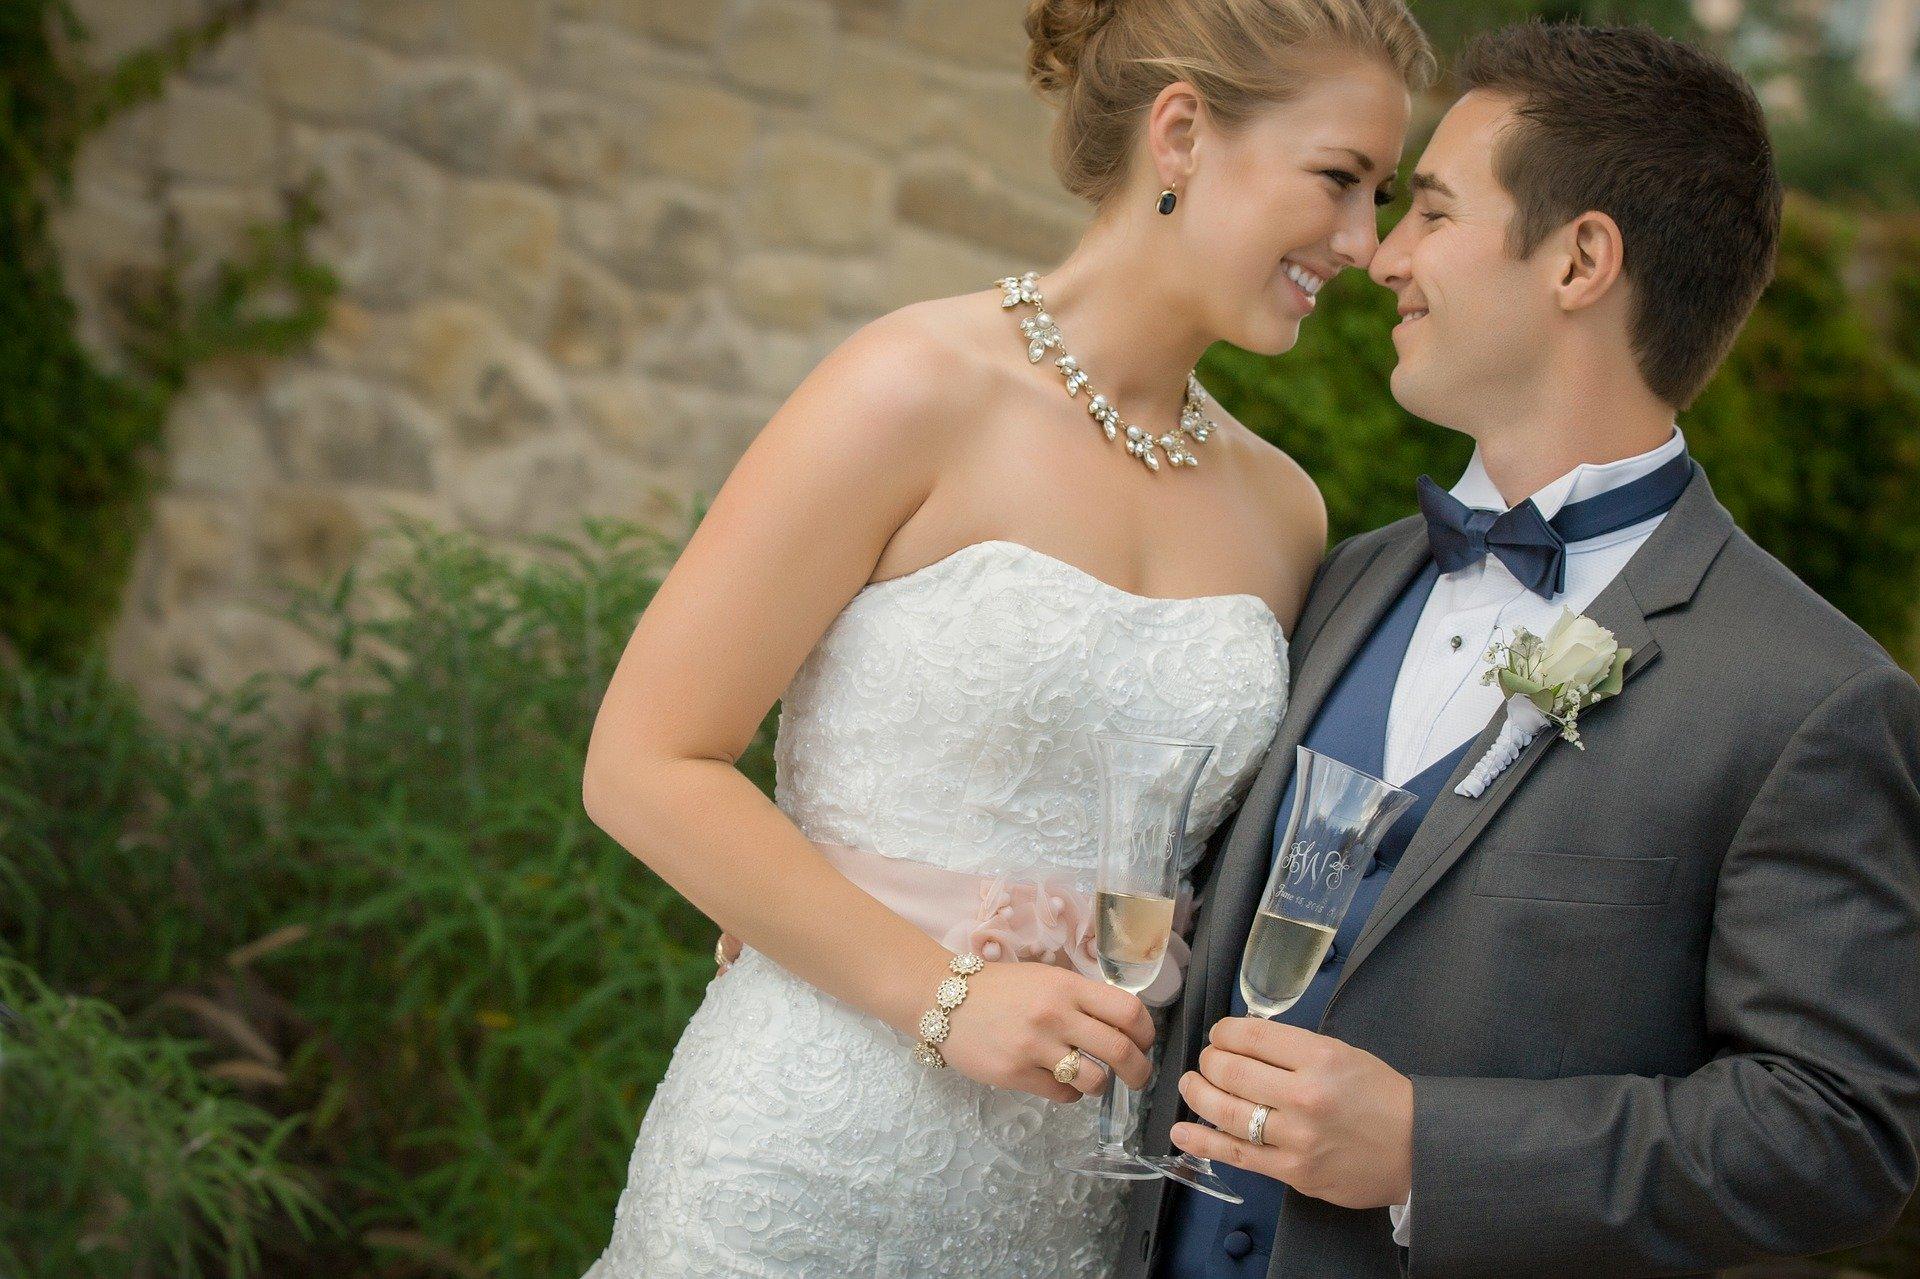 wedding-2824517_1920.jpg